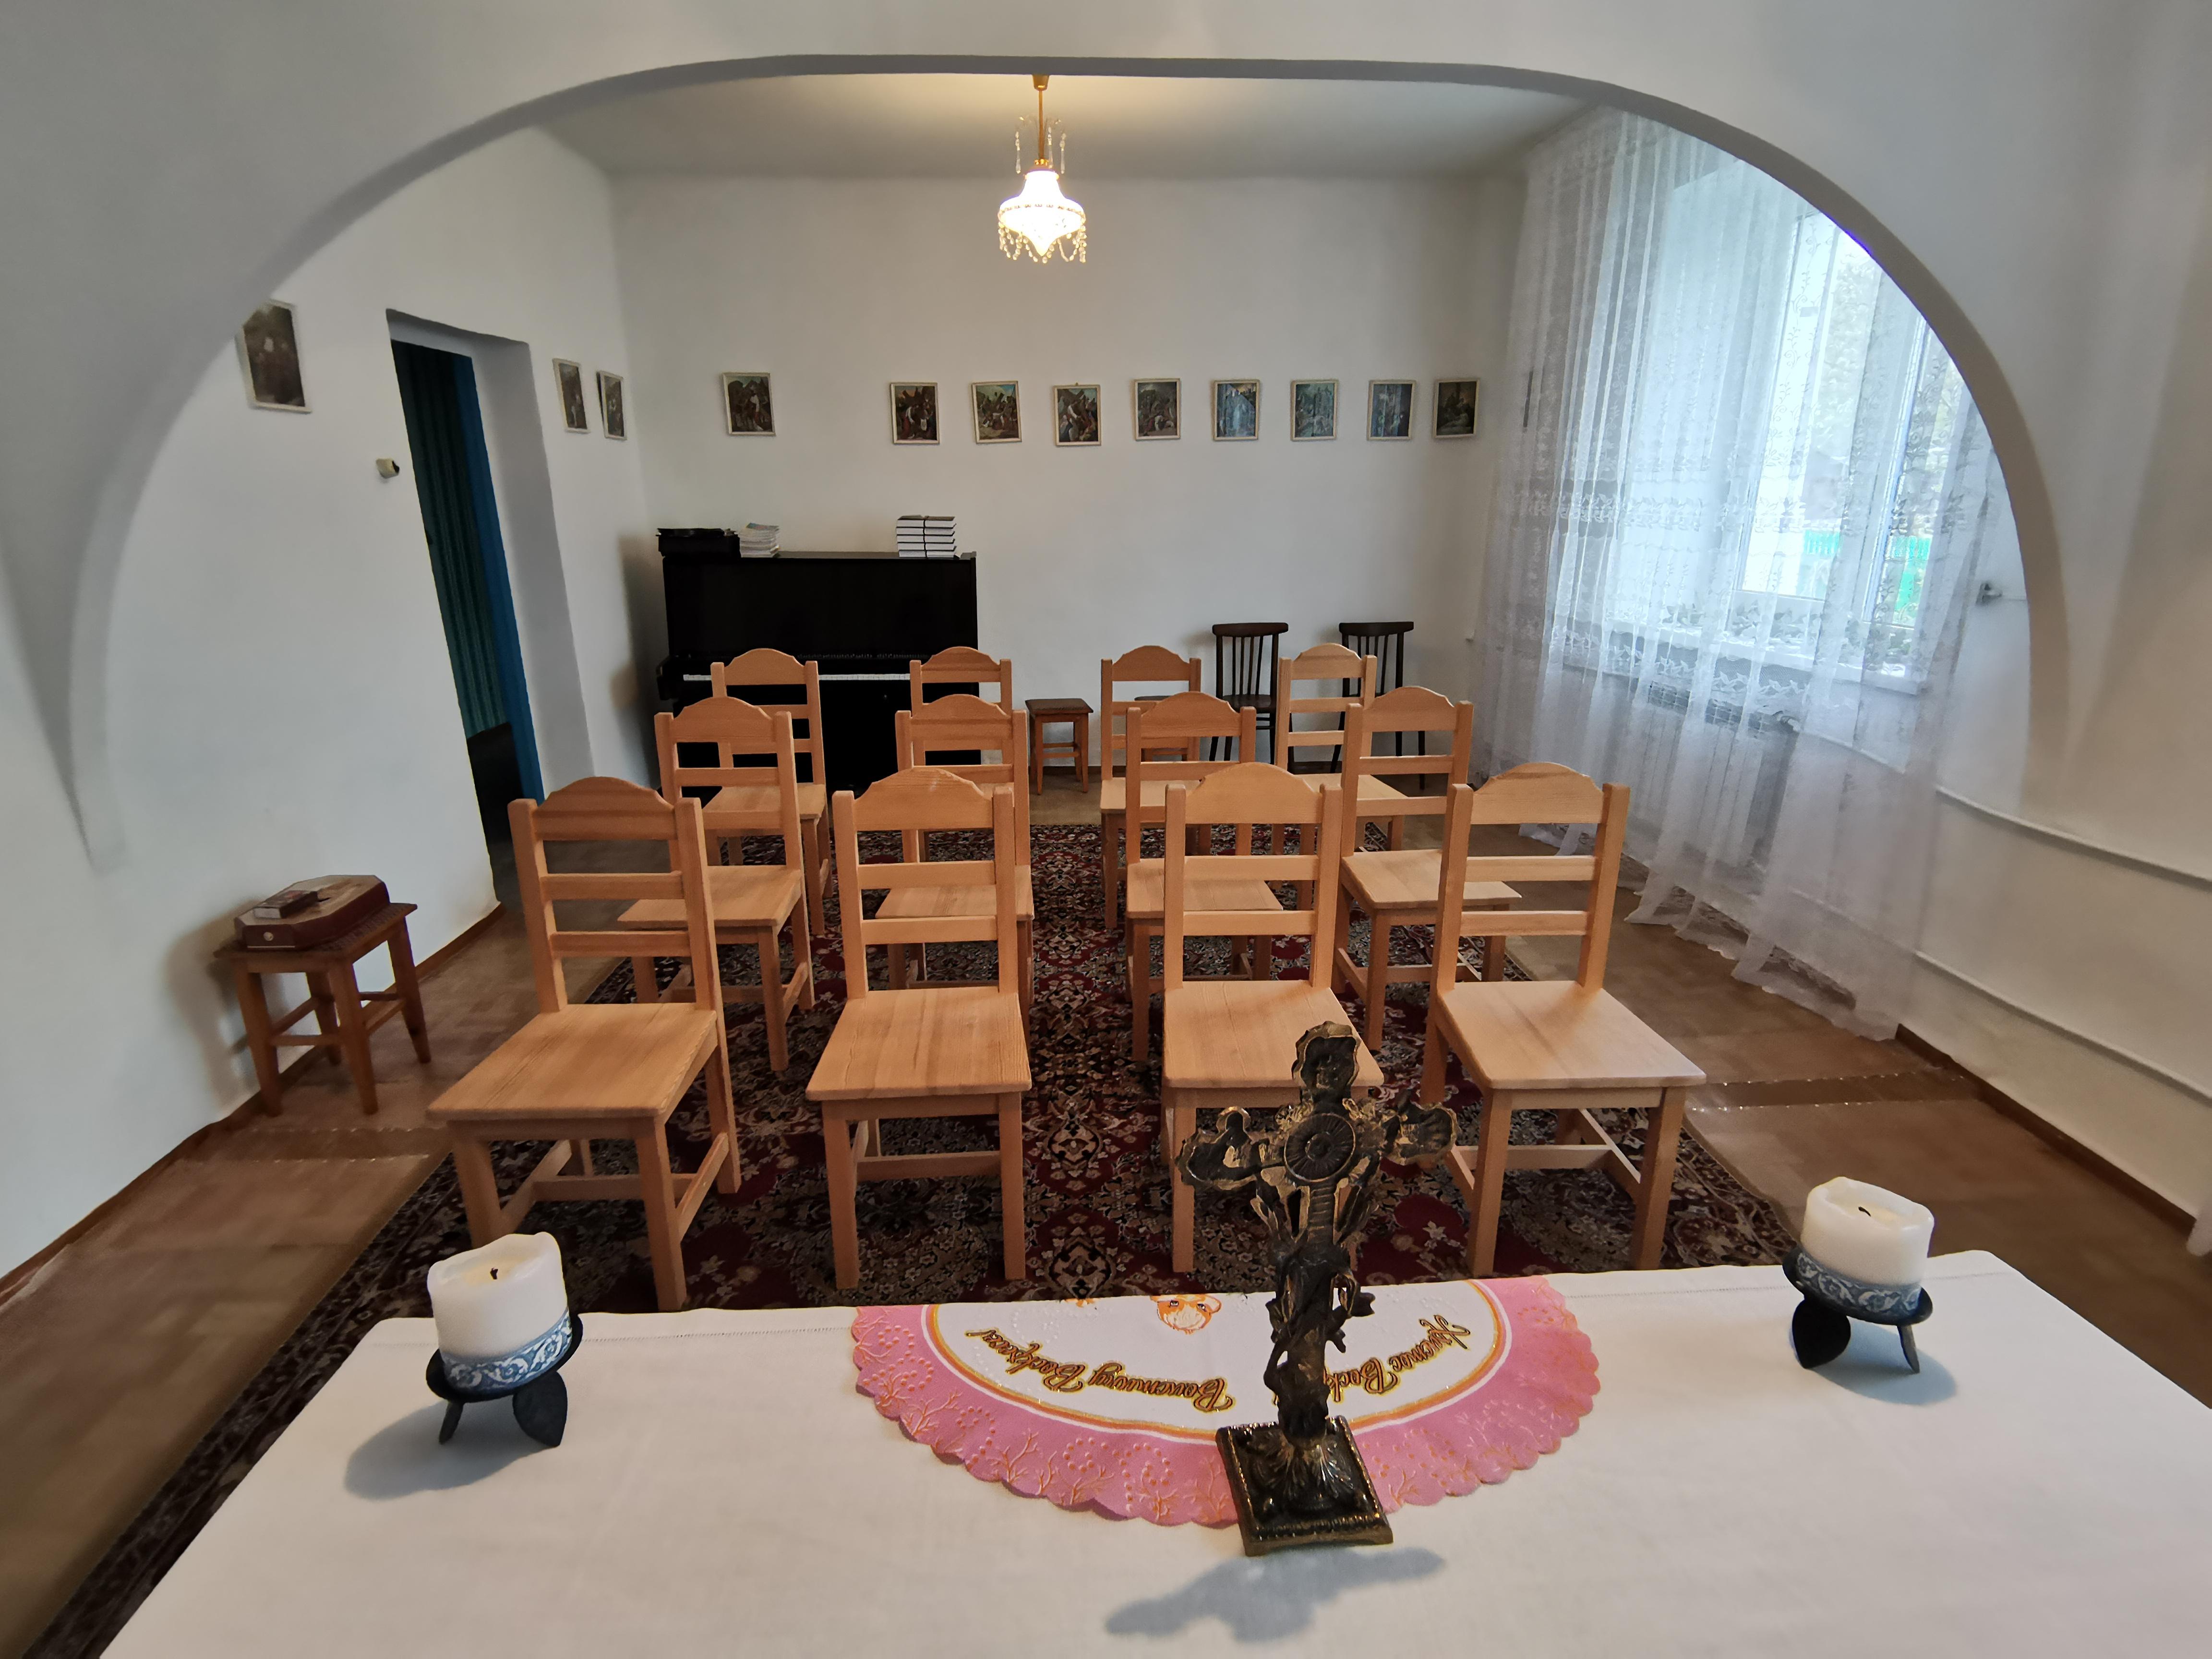 Община Святой Терезы из Лизьё г. Анжеро-Судженск